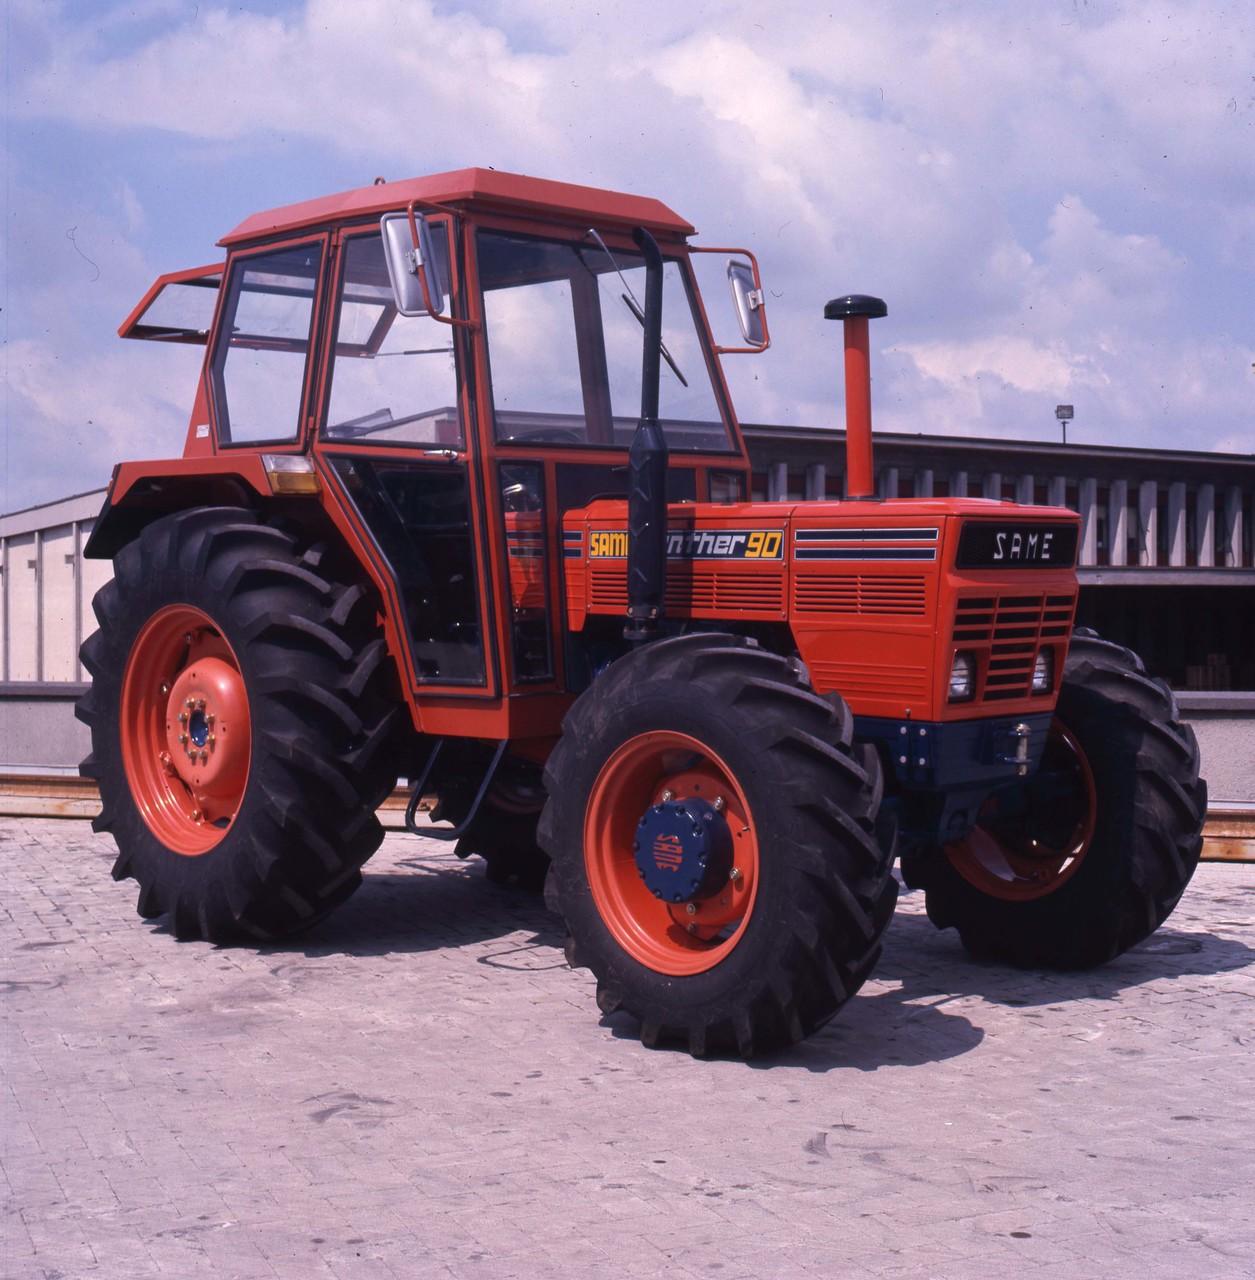 [SAME] trattore Panther 90 4RM presso lo stabilimento di Treviglio